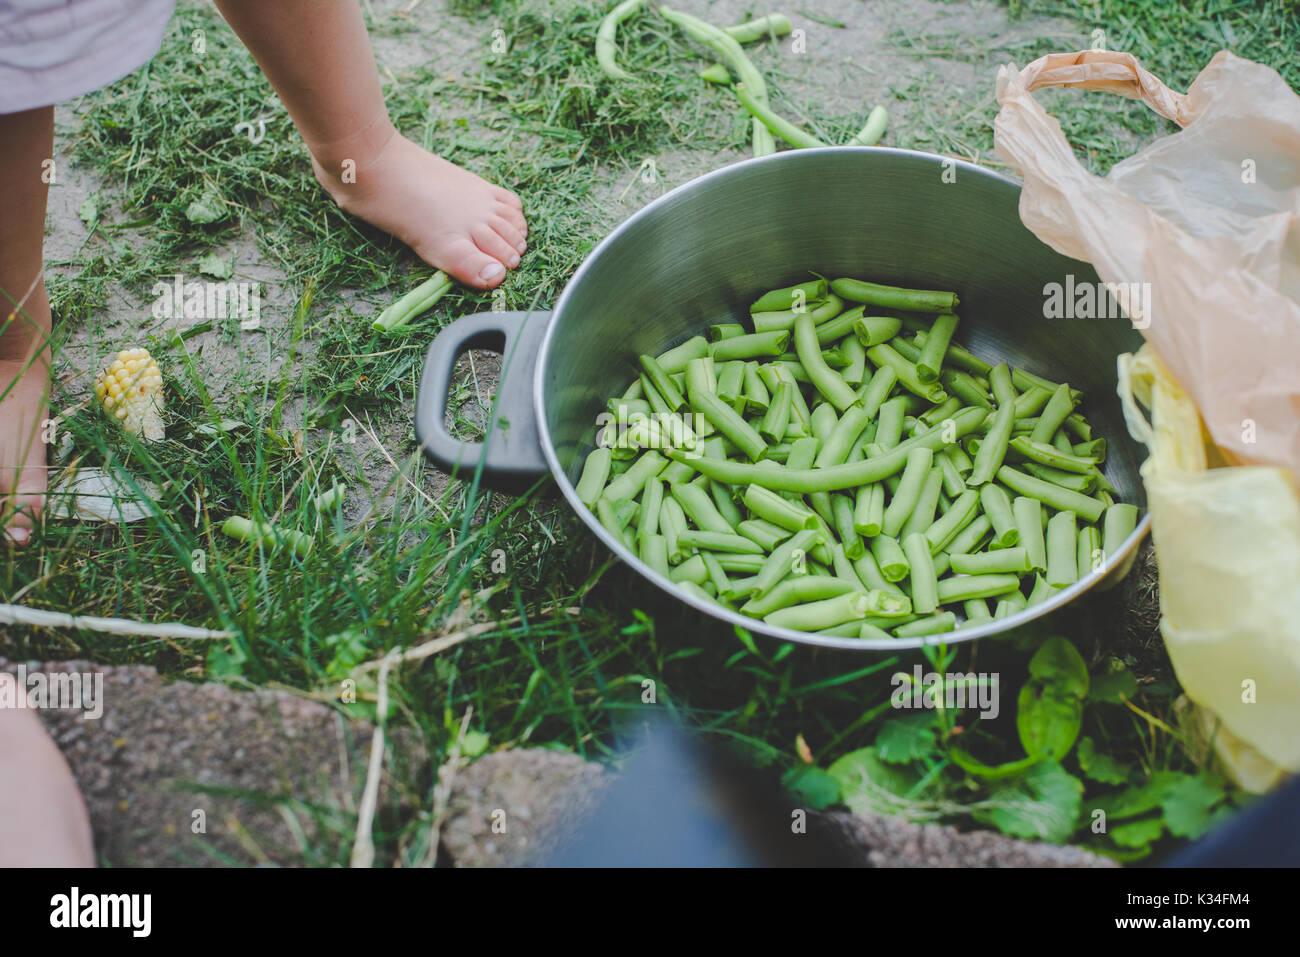 Cassé frais Haricots verts dans une casserole d'argent. Photo Stock